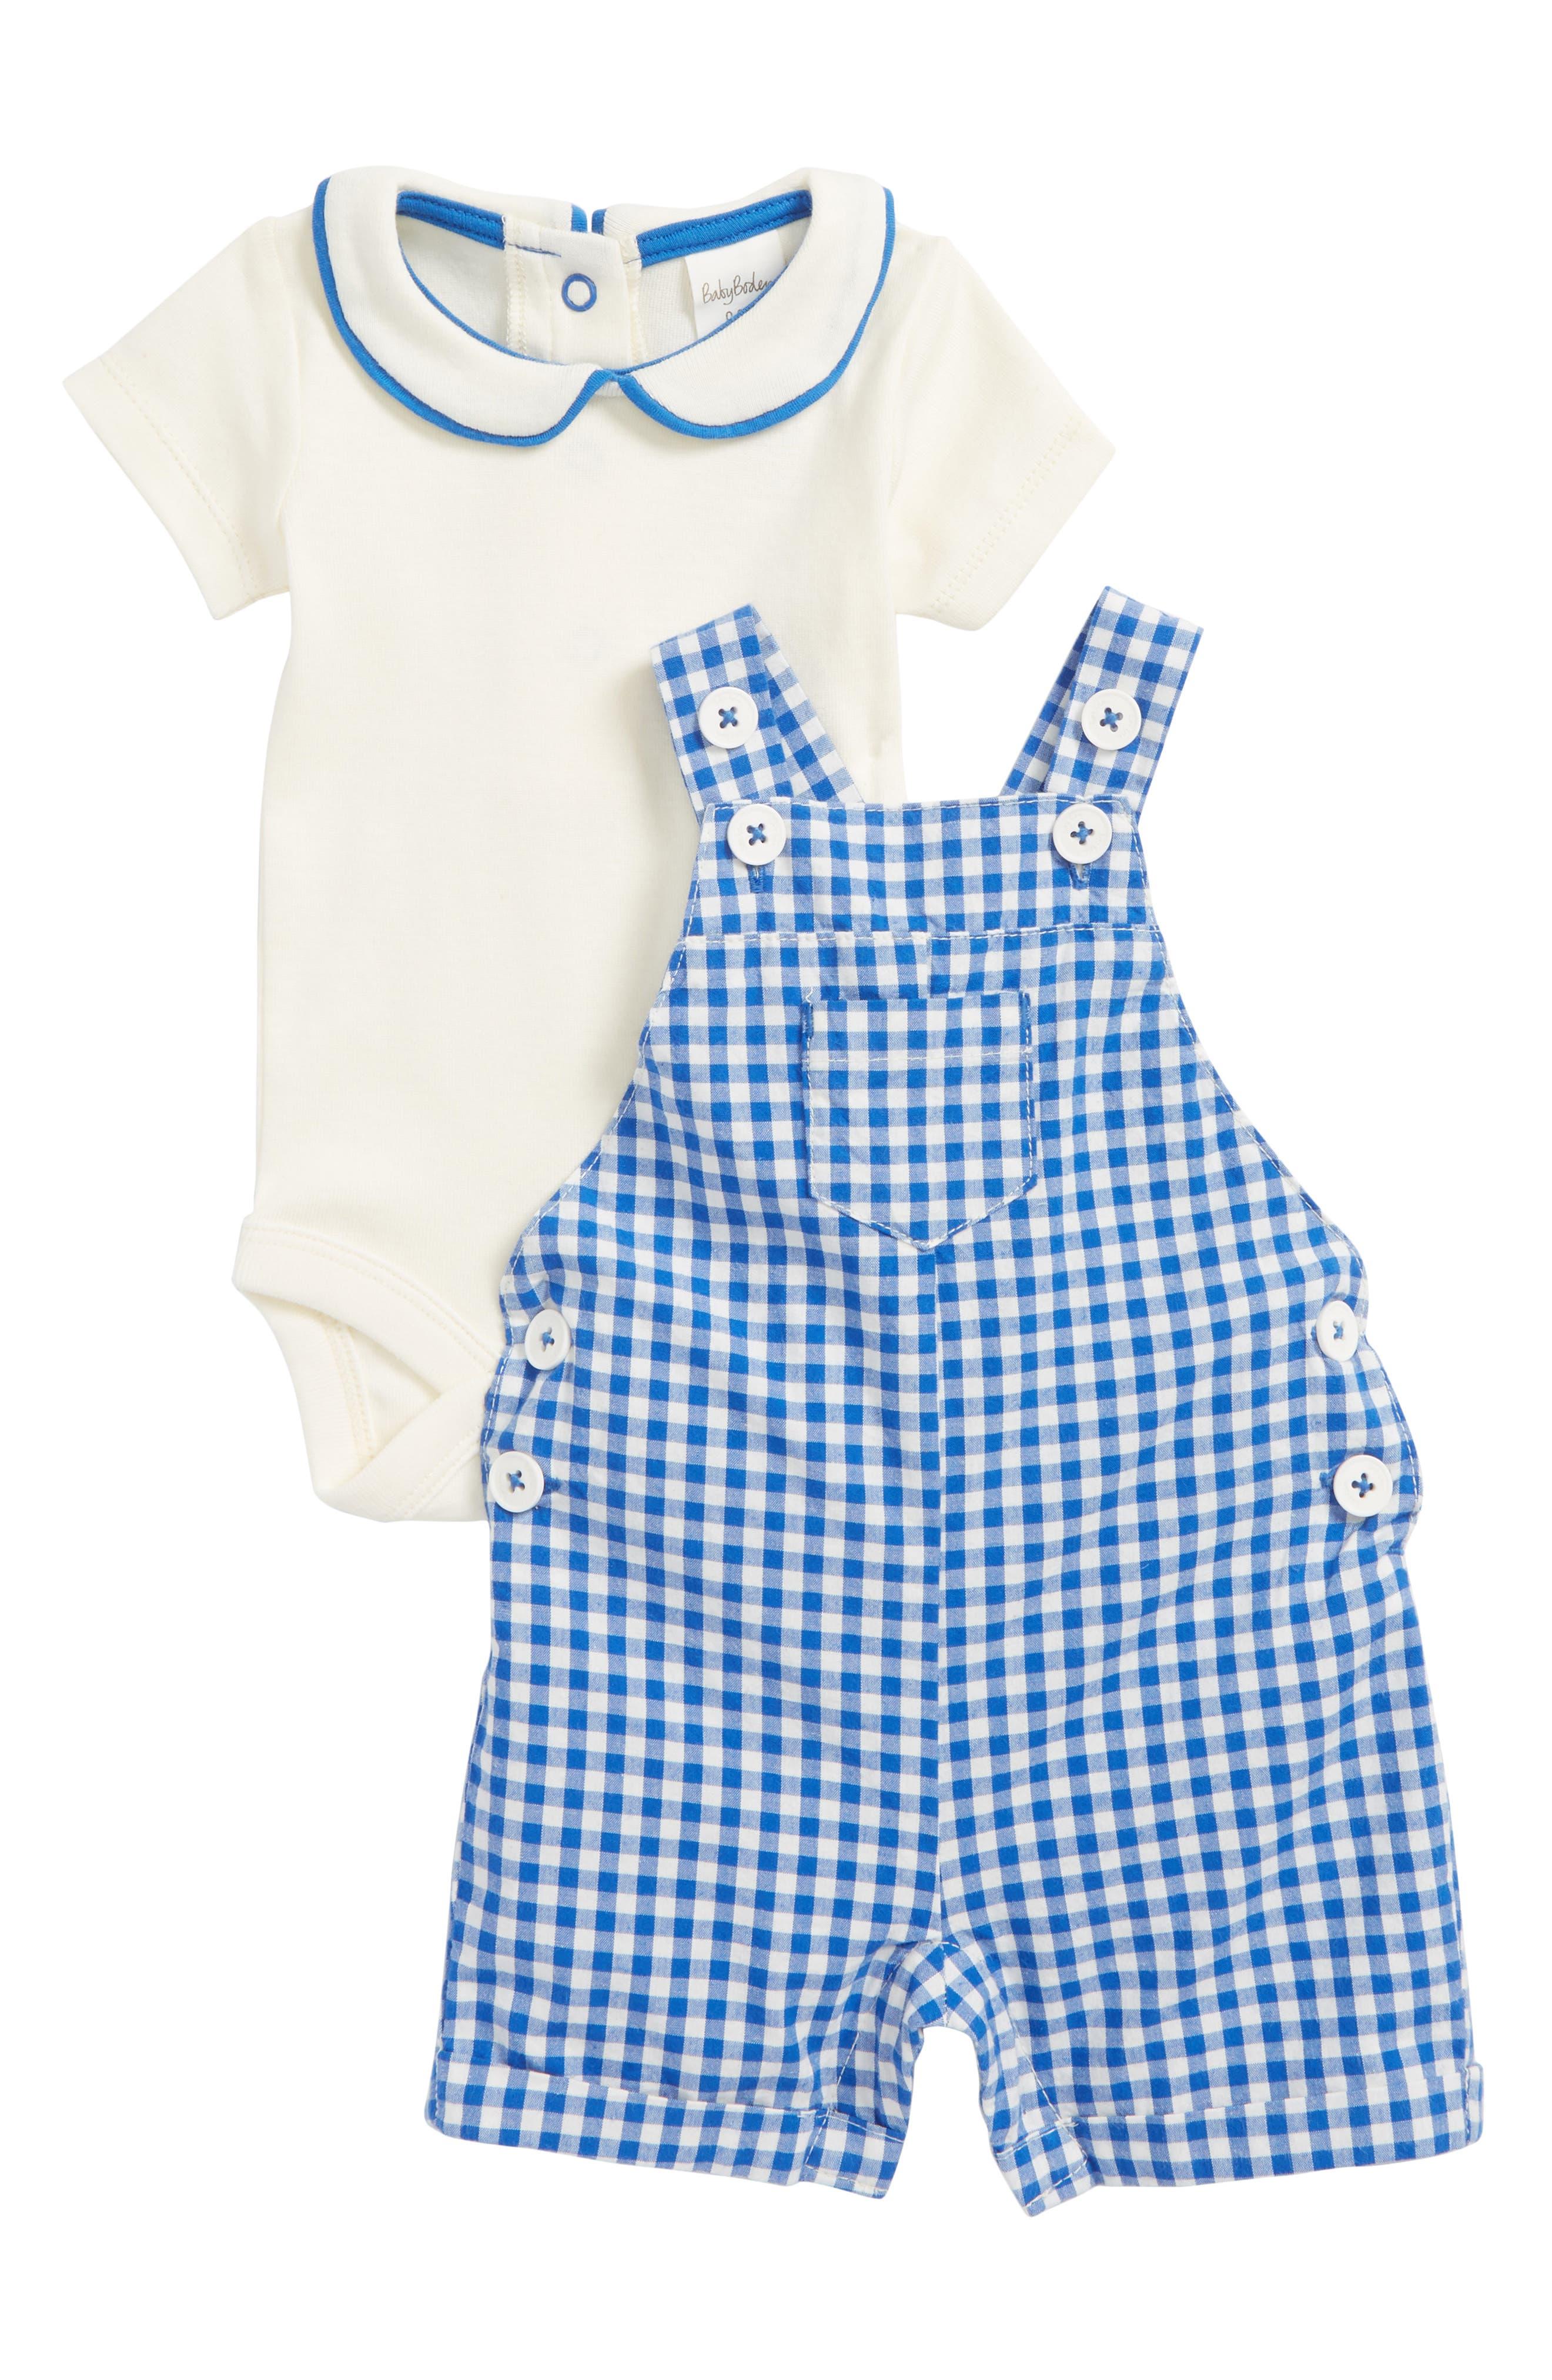 Mini Boden Overalls & Bodysuit Set (Baby Boys)